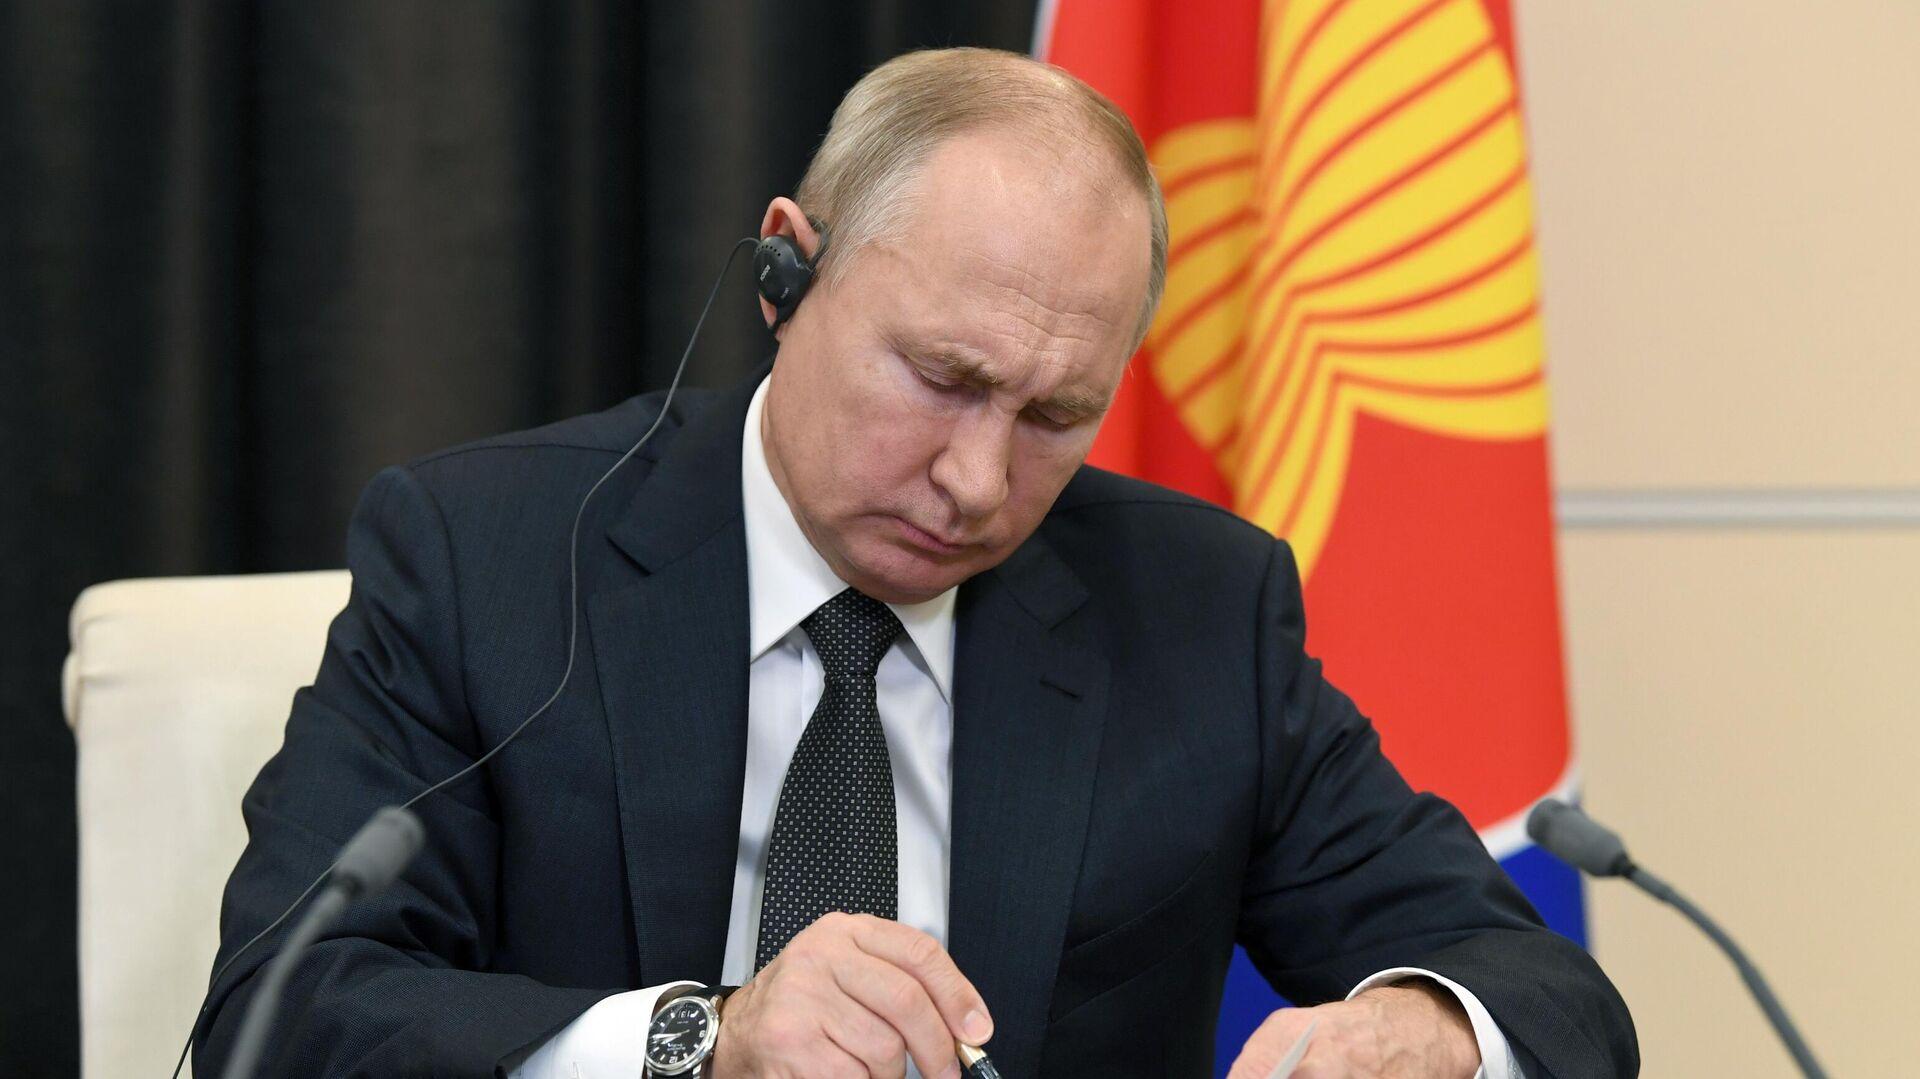 Президент РФ Владимир Путин принимает участие в 15-м Восточноазиатском саммите в режиме видеоконференции - РИА Новости, 1920, 15.11.2020